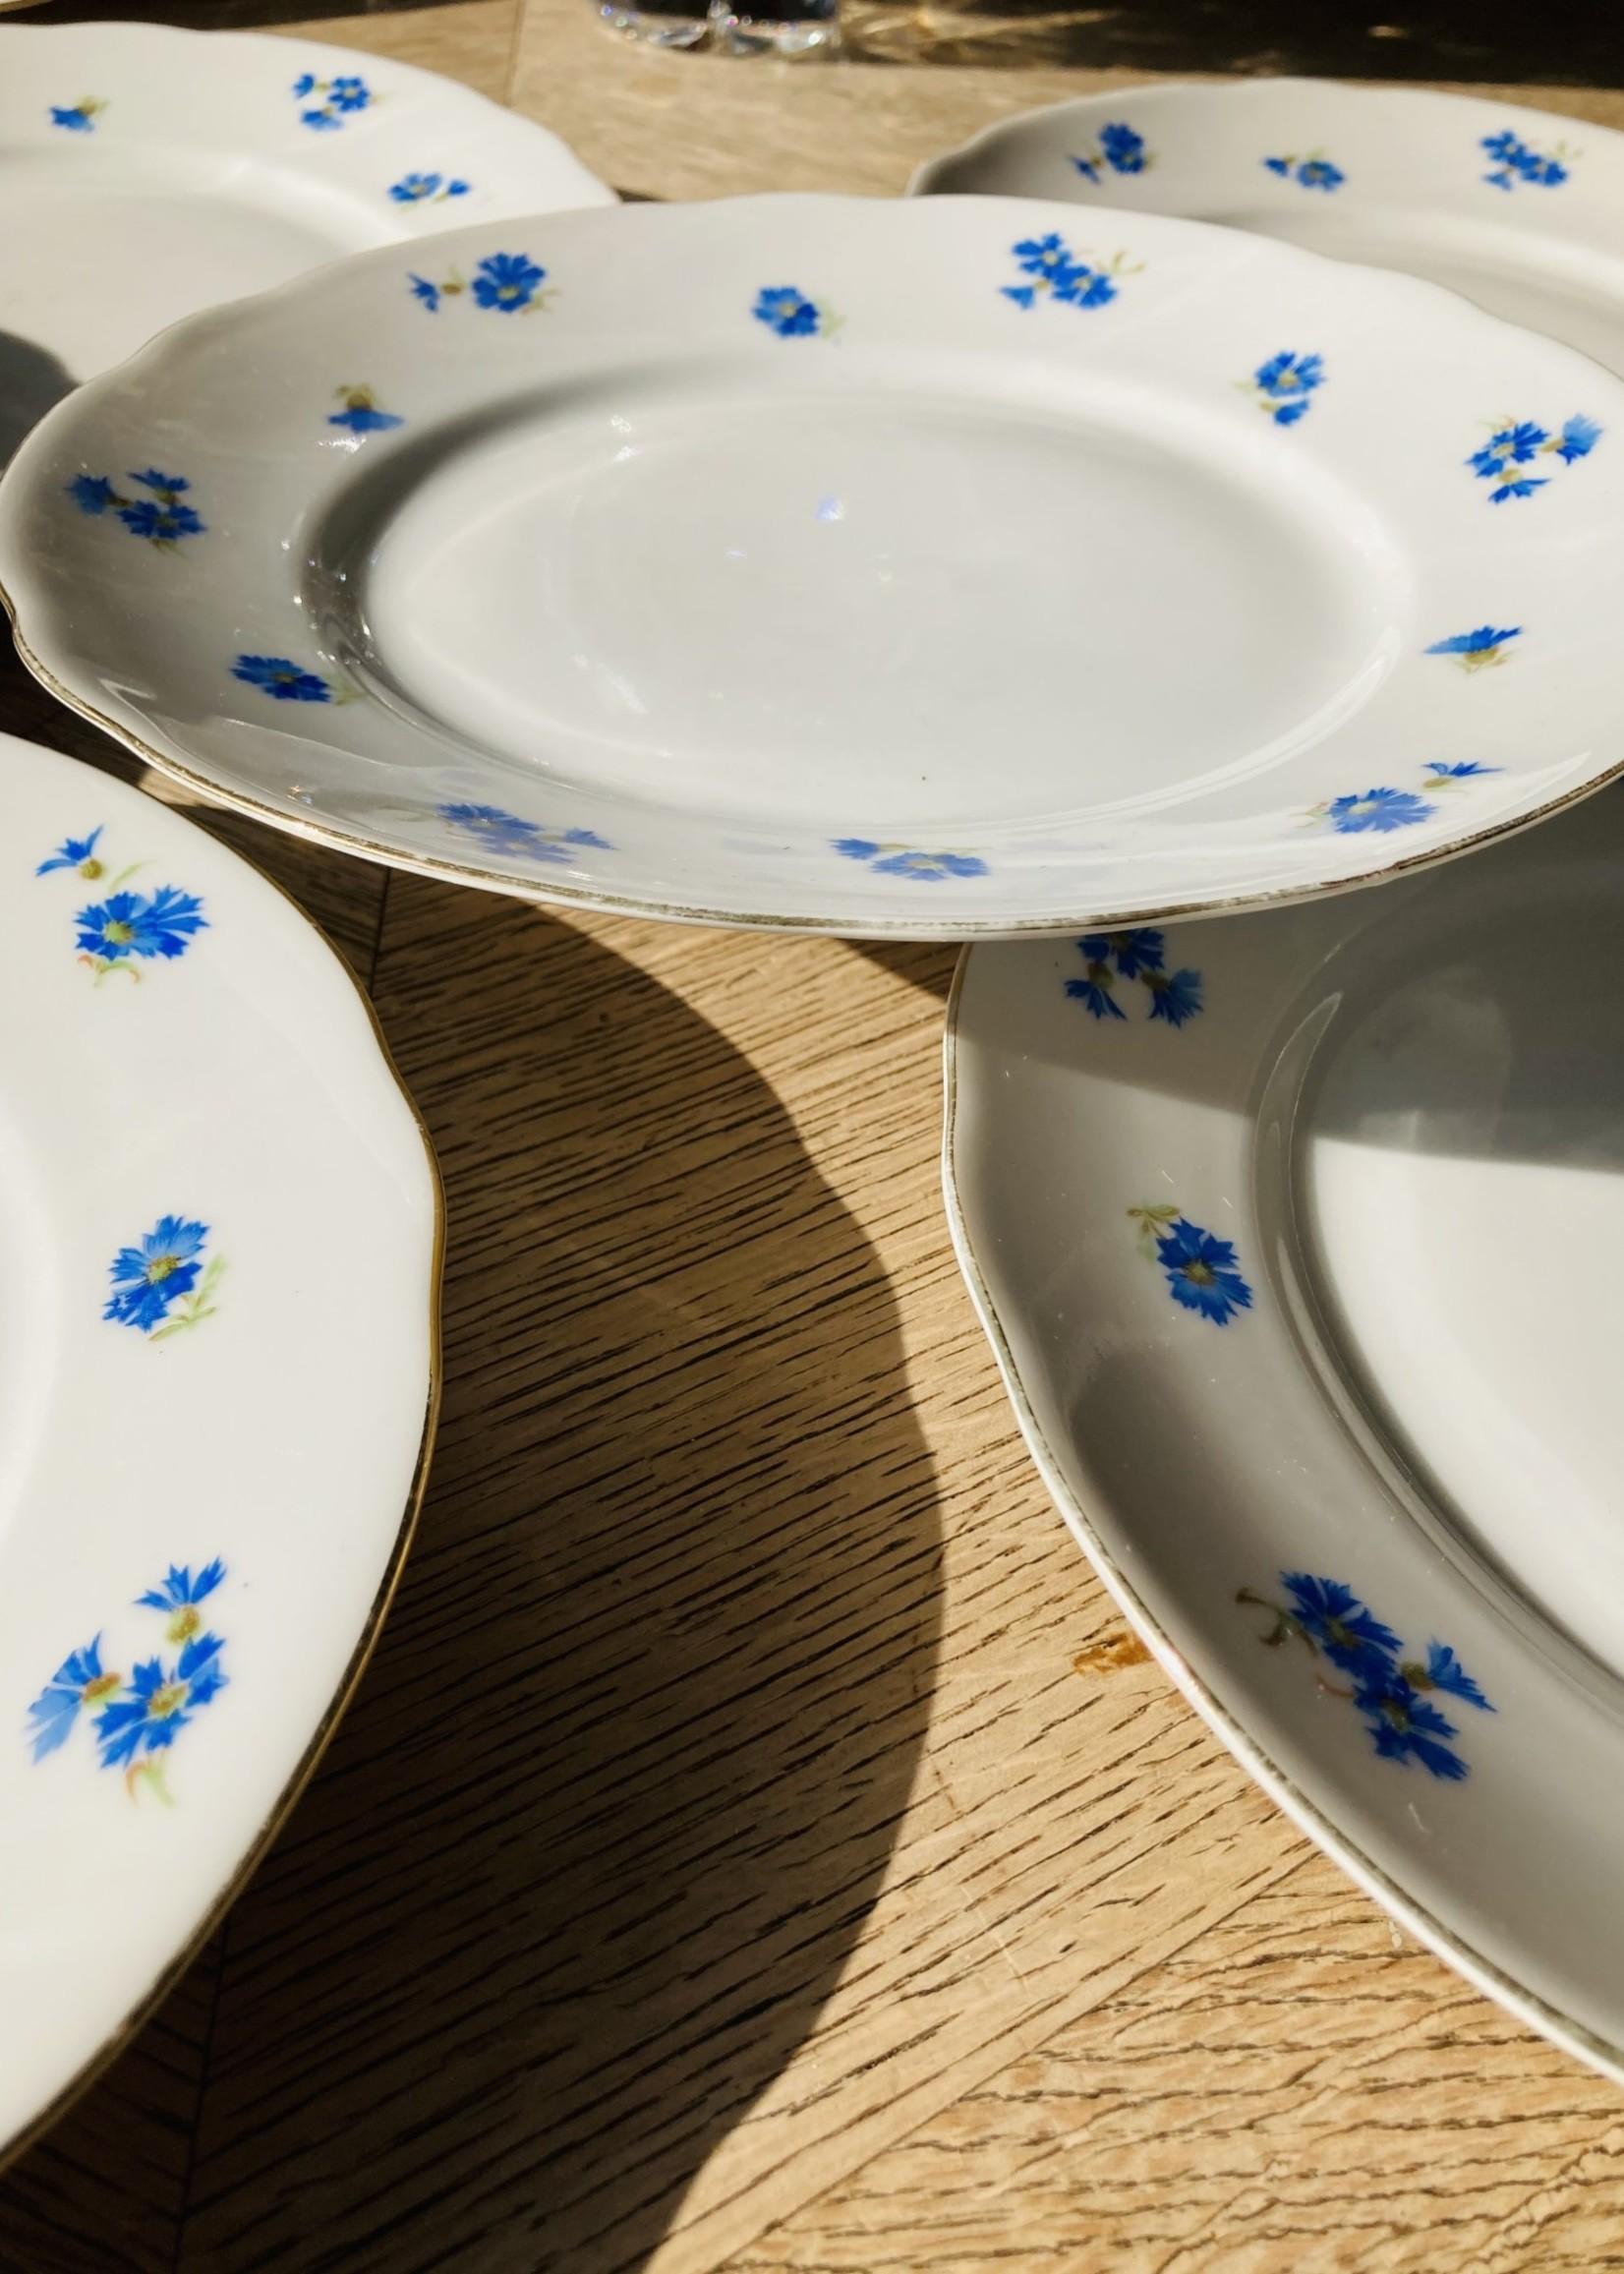 Desert plate Bavaria porcelain blue flowers and gold border